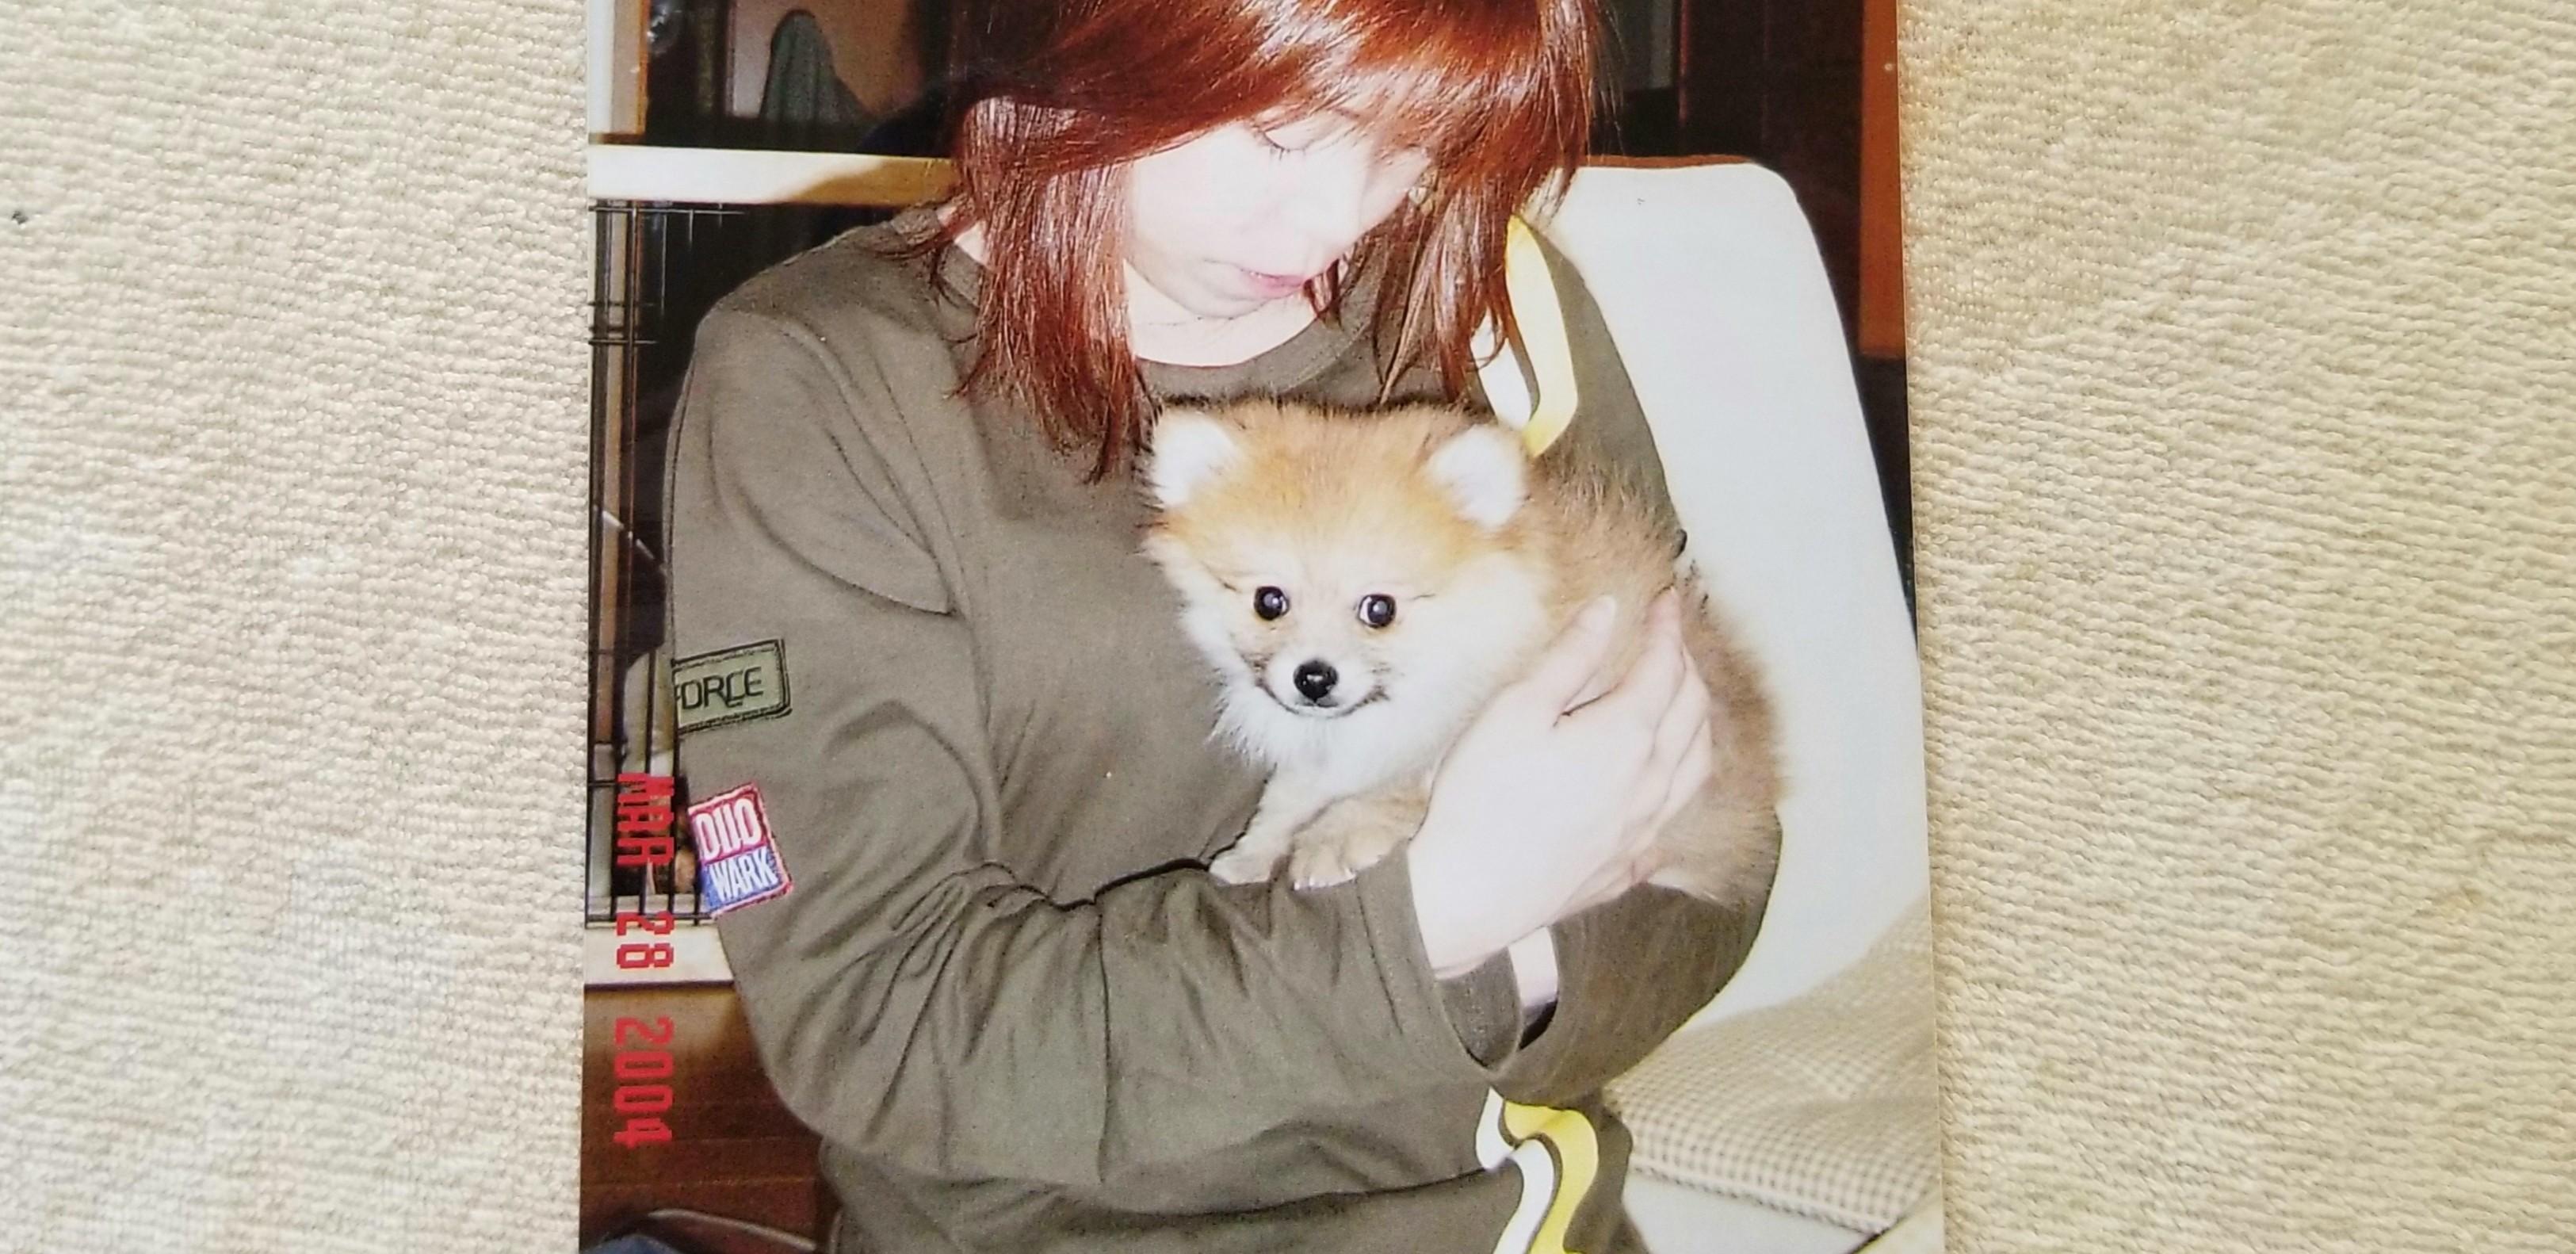 犬ペット懐かしい写真メモリアルグッズフォト赤ちゃんの頃子供思い出